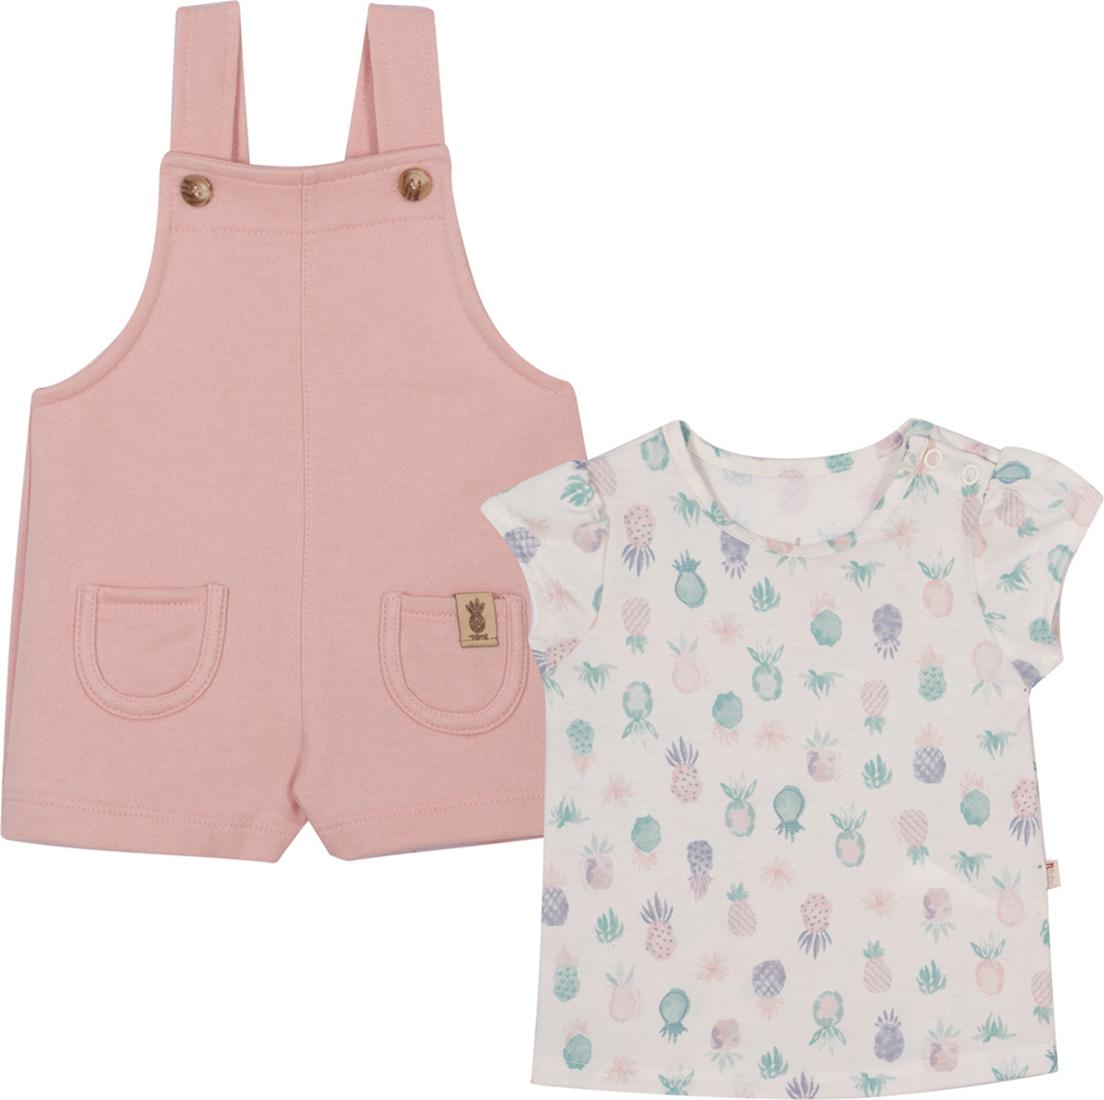 Conjunto Bebê e Infantil  Camiseta e Jardineira Nini & Bambini Abacaxi Rosa e Offwhite